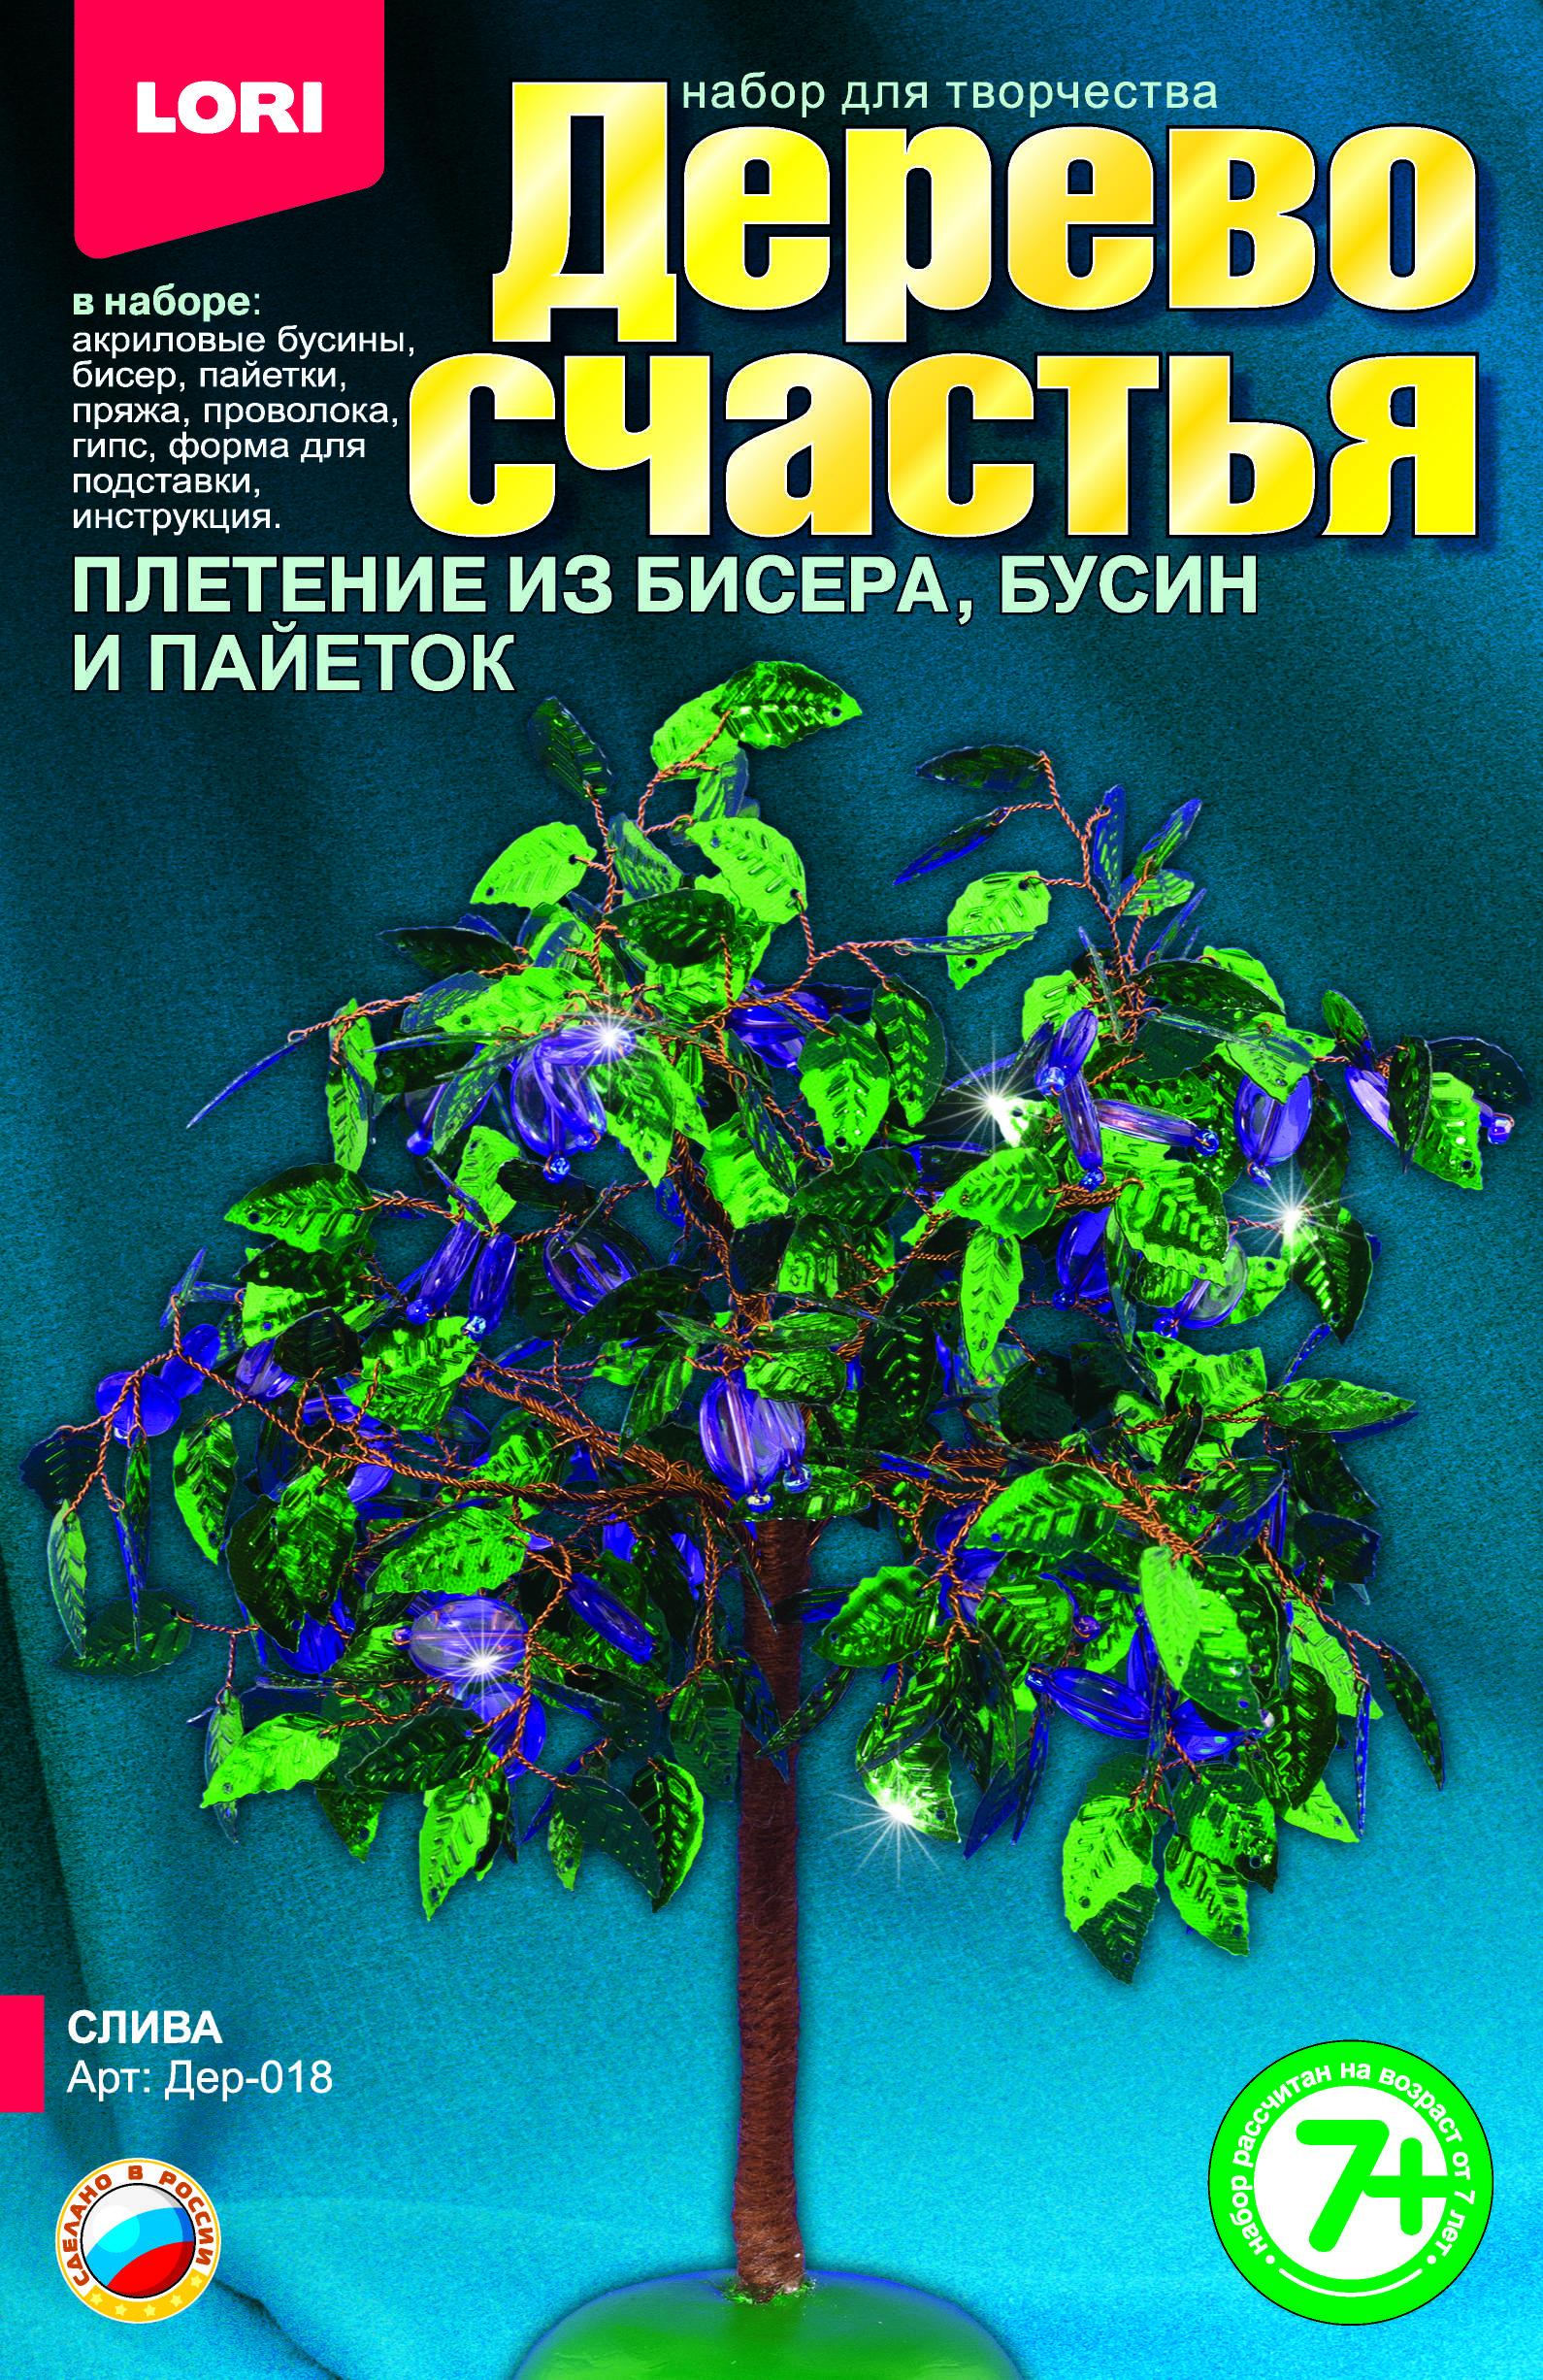 Набор для творчества дерево счастья СЛИВА